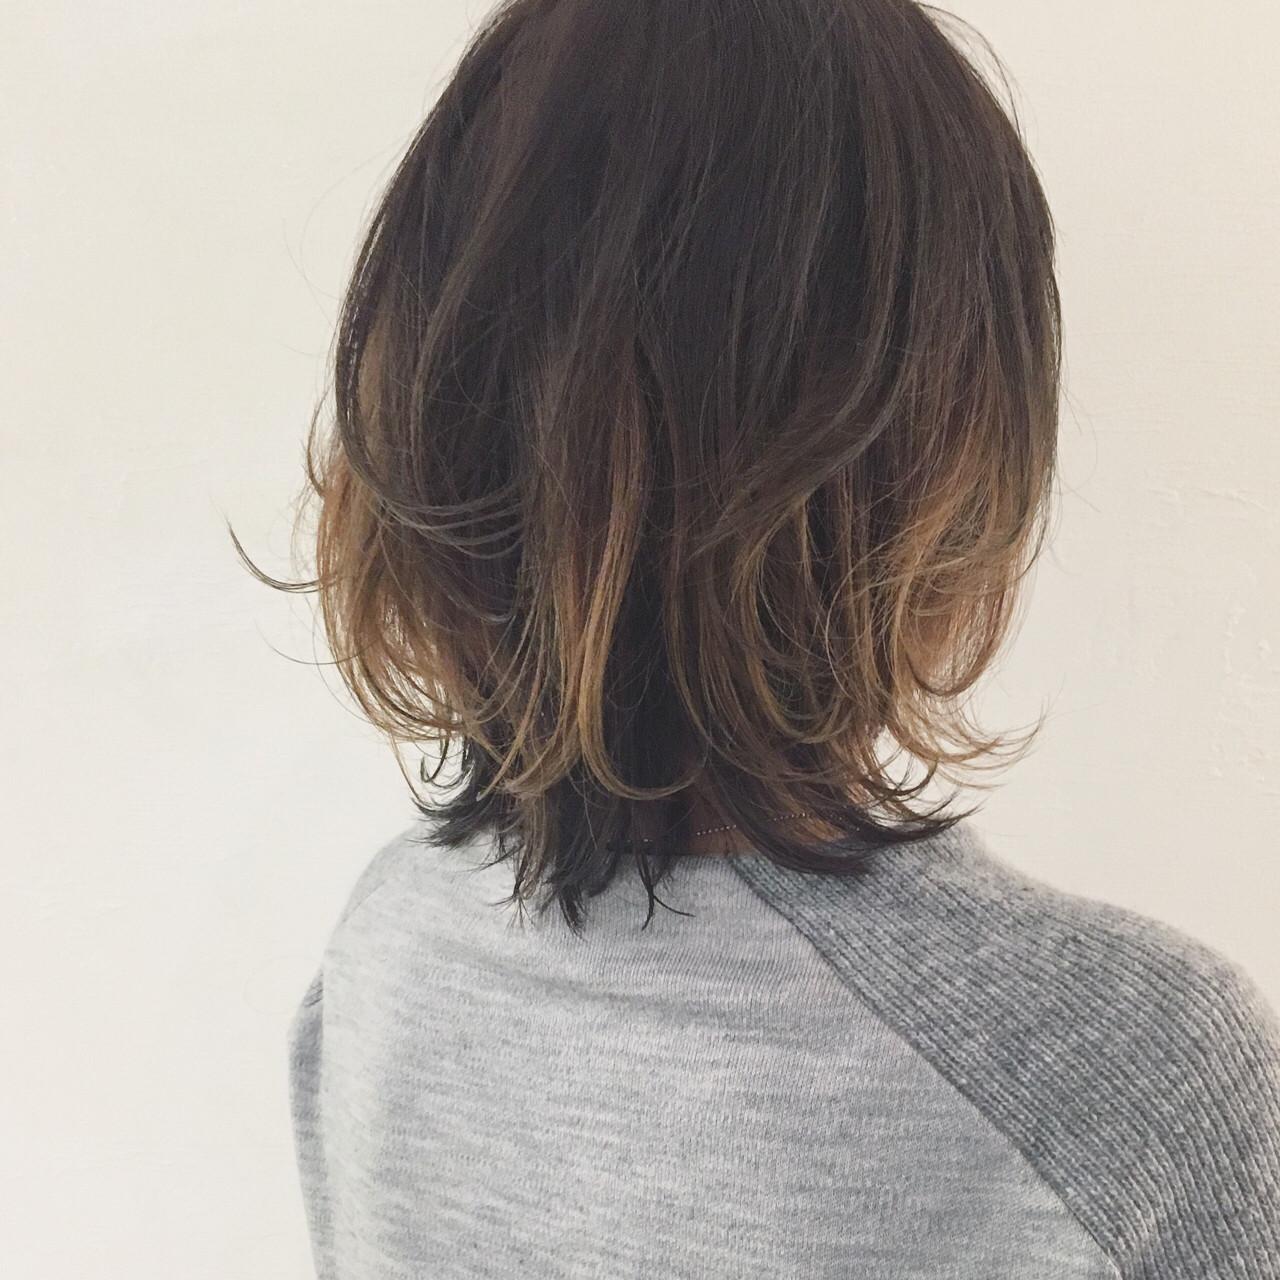 インナーカラー アッシュ パーマ ハイライト ヘアスタイルや髪型の写真・画像